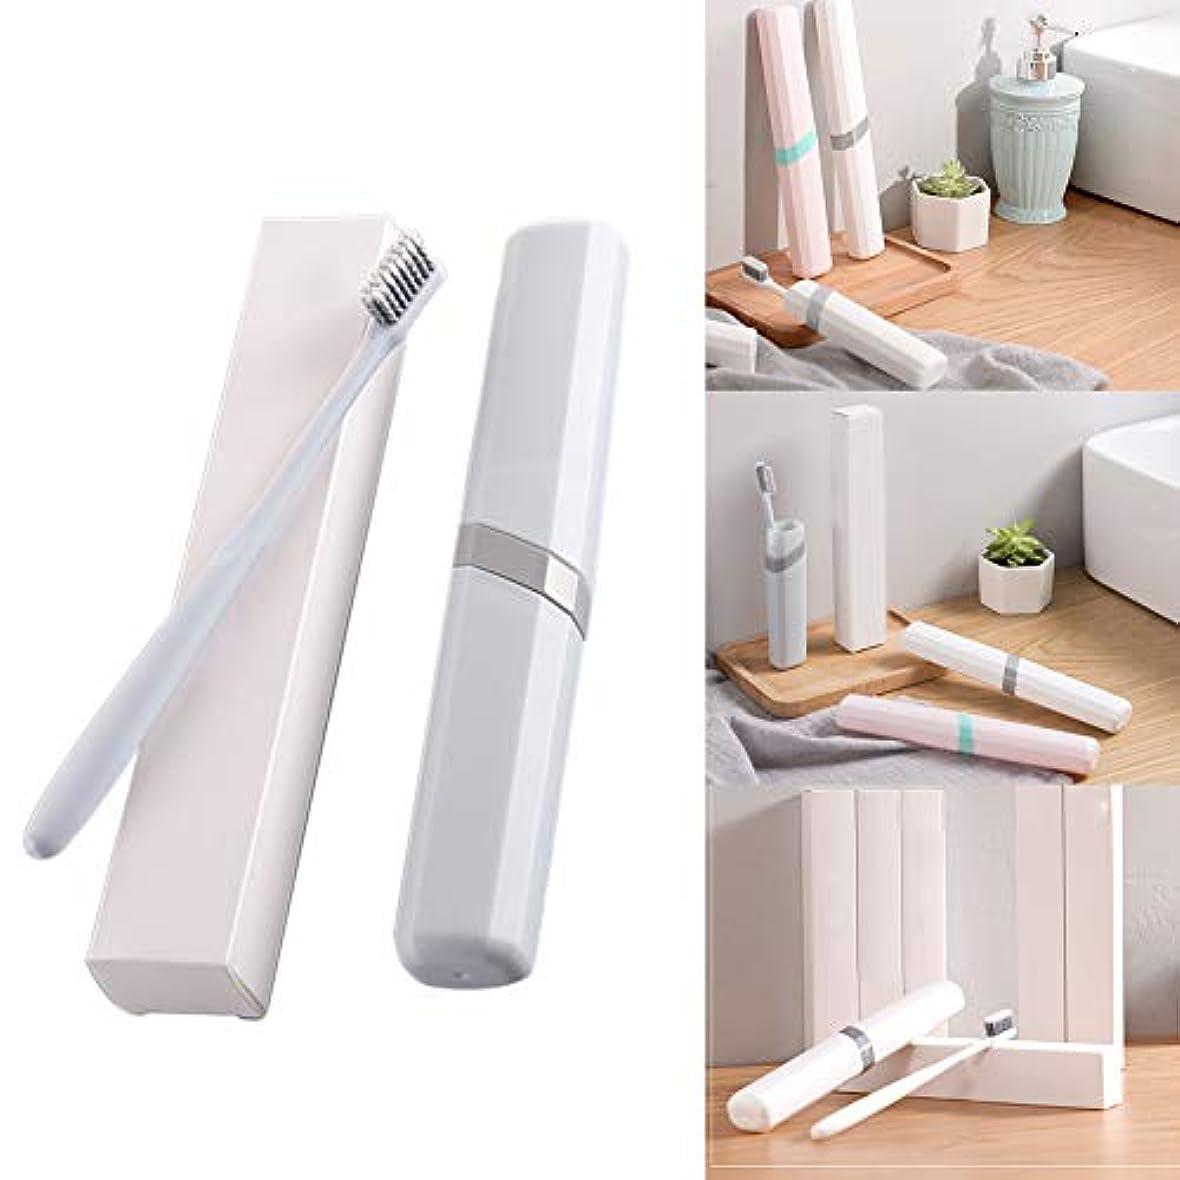 管理するポーク取り壊す歯ブラシケース付きトラベルカバー、歯ブラシ1個、プラスチックホルダー、清潔なブラシを休日に保管(白、ピンク、青)